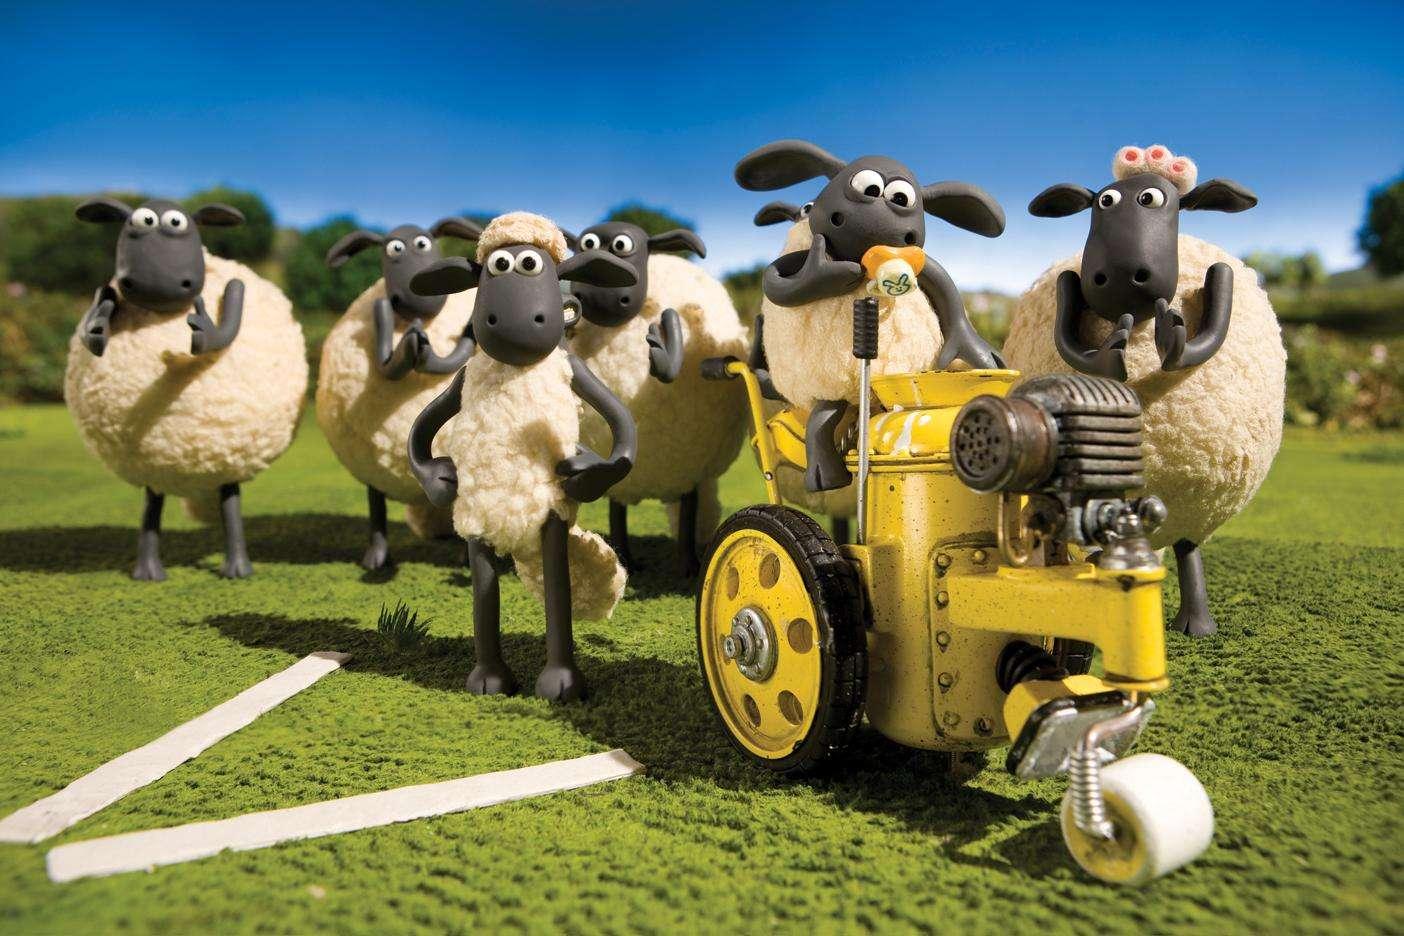 少儿动画喜剧《小羊肖恩》第一季完整版40集下载自取